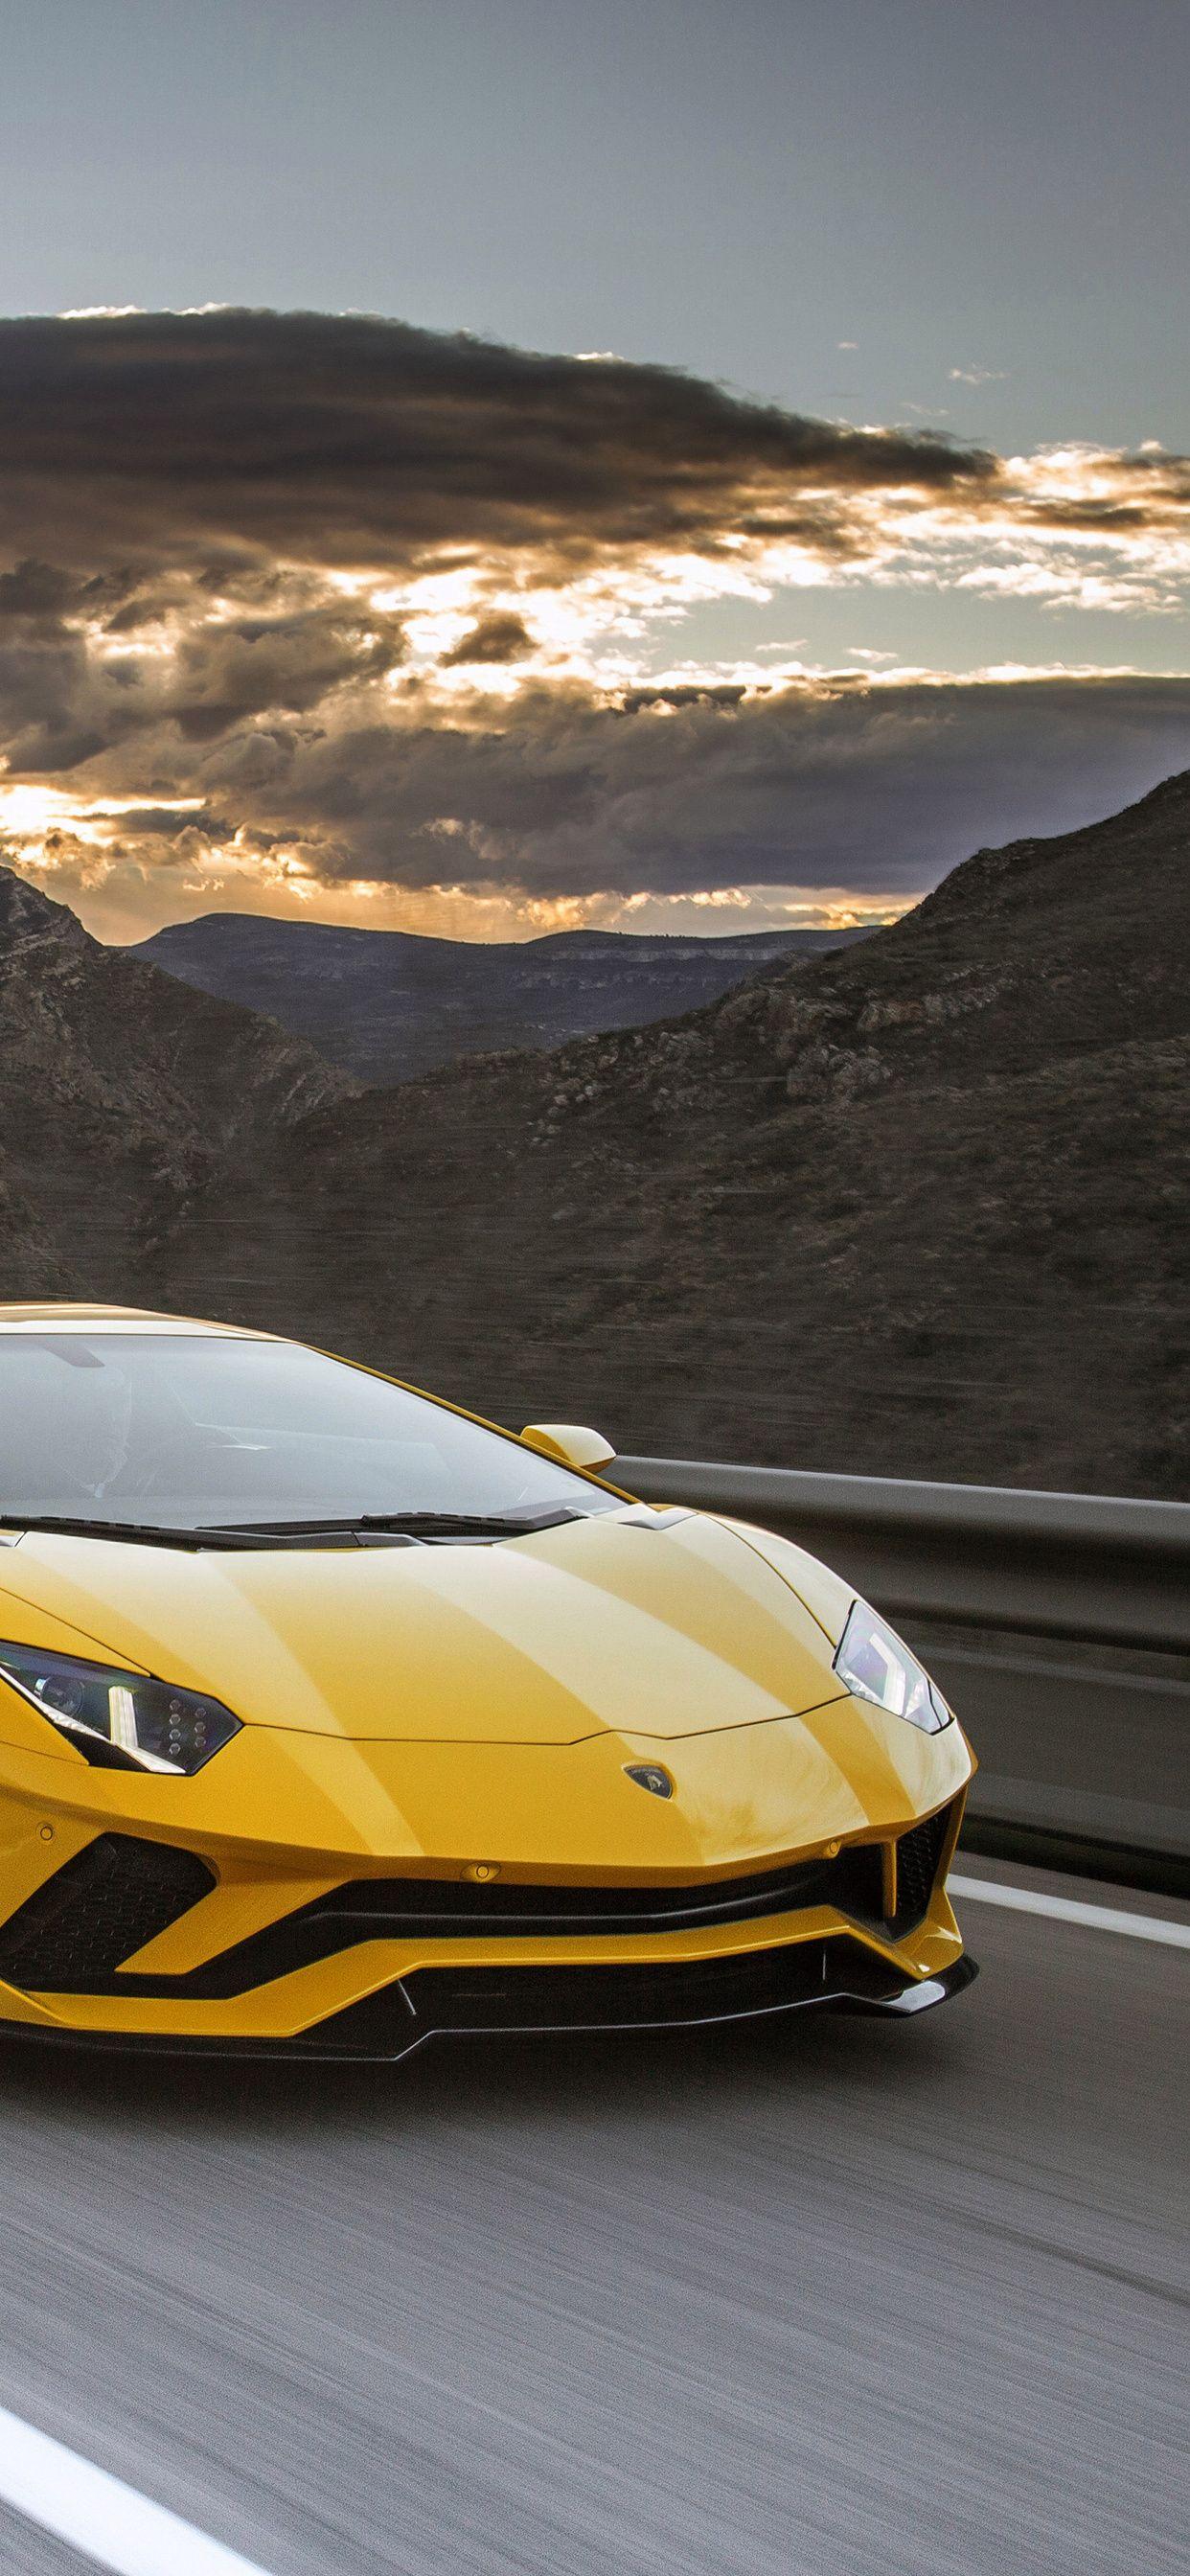 Lamborghini 4k iPhone Wallpapers - Wallpaper Cave